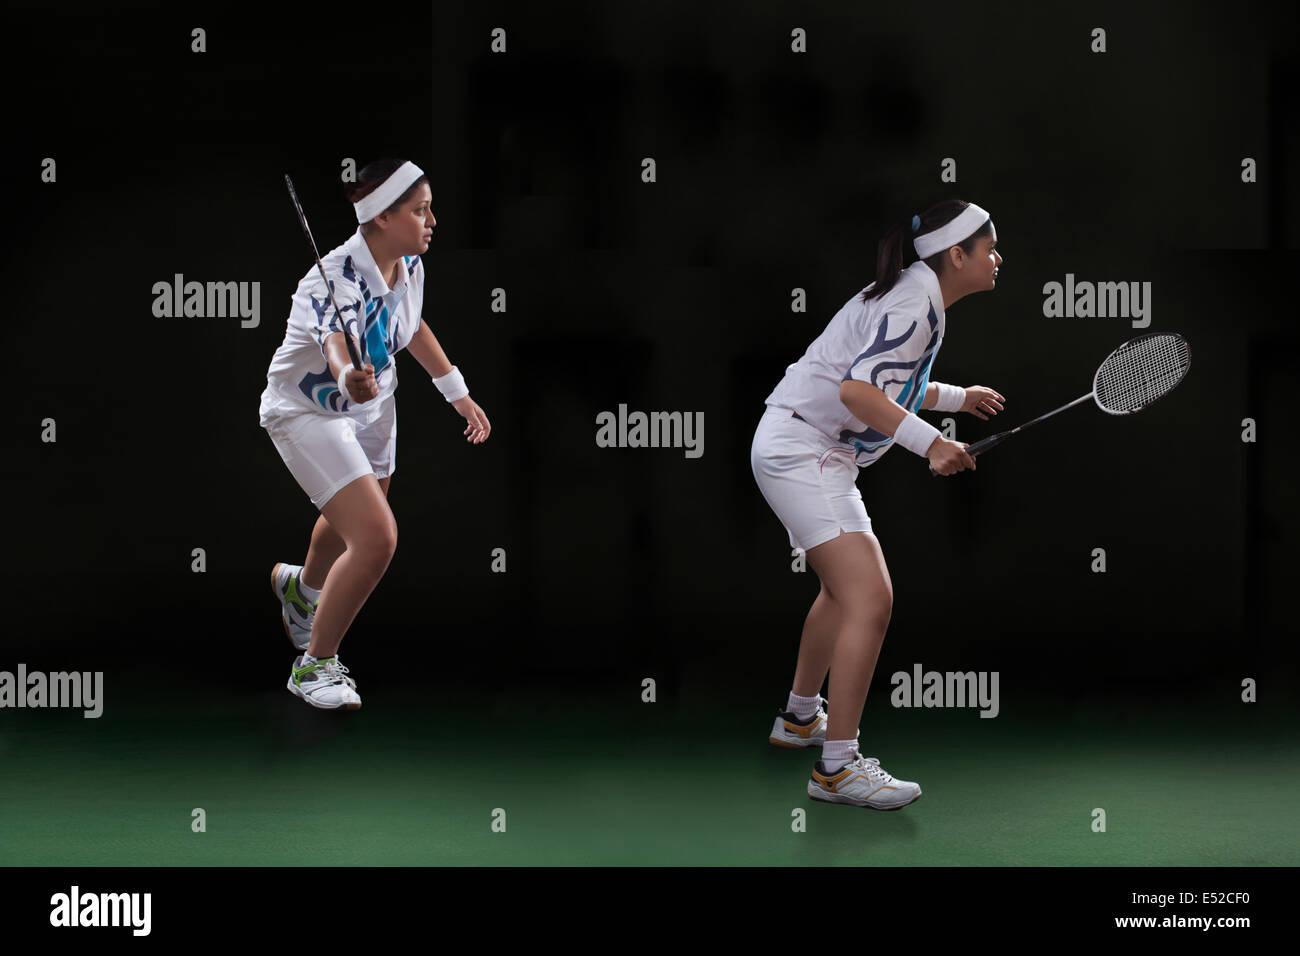 Foto de perfil femenino duplica los jugadores a jugar bádminton sobre fondo negro Imagen De Stock